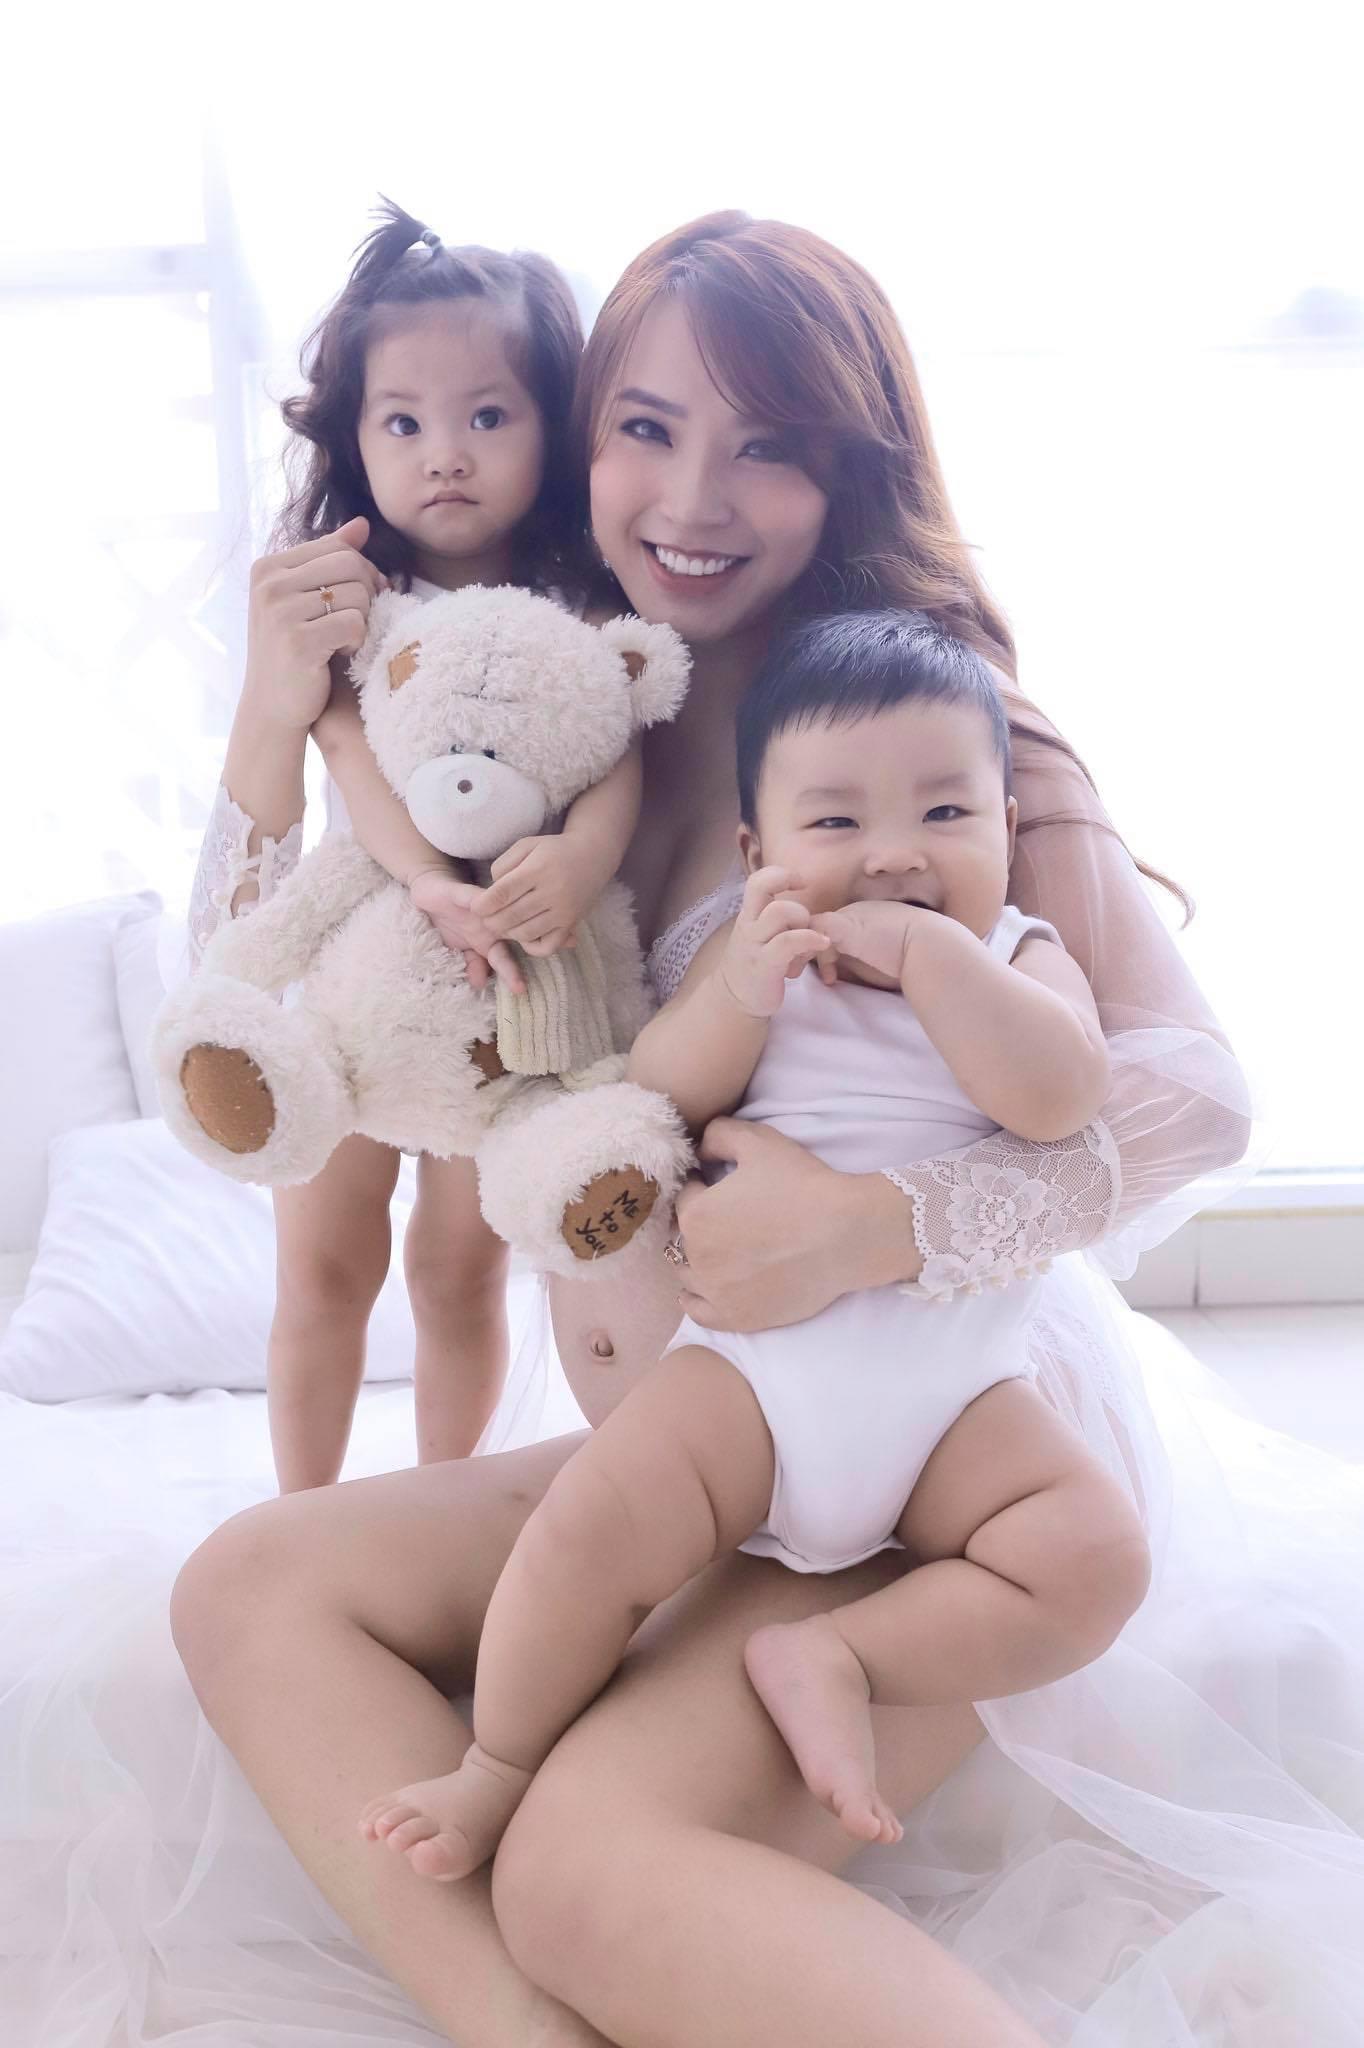 Hải Băng nói về quyết định giã từ sự nghiệp nghệ thuật ở tuổi 29 trước khi hạ sinh con thứ 3 - Ảnh 1.